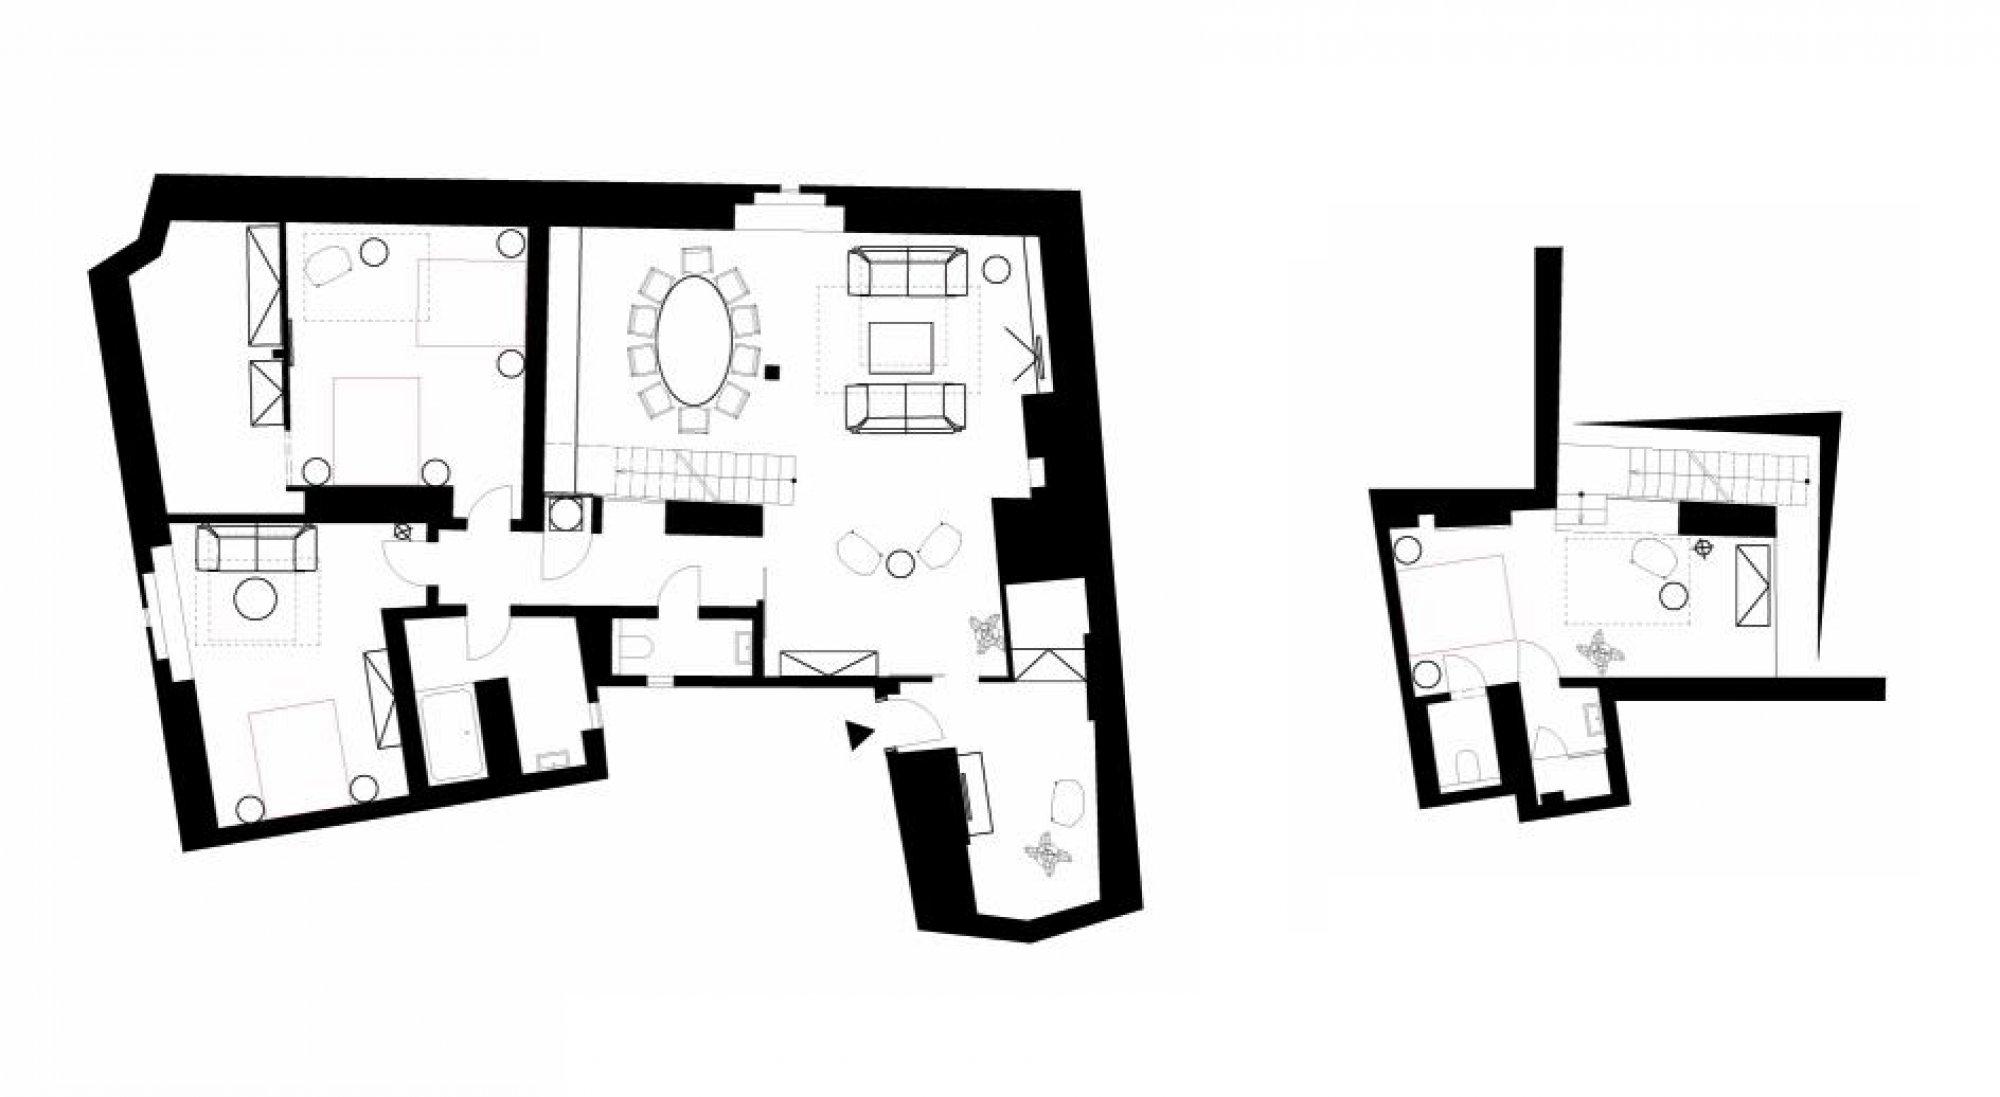 Půdorys - Půdní byt 4+kk, plocha 209 m², ulice Navrátilova, Praha 1 - Nové Město